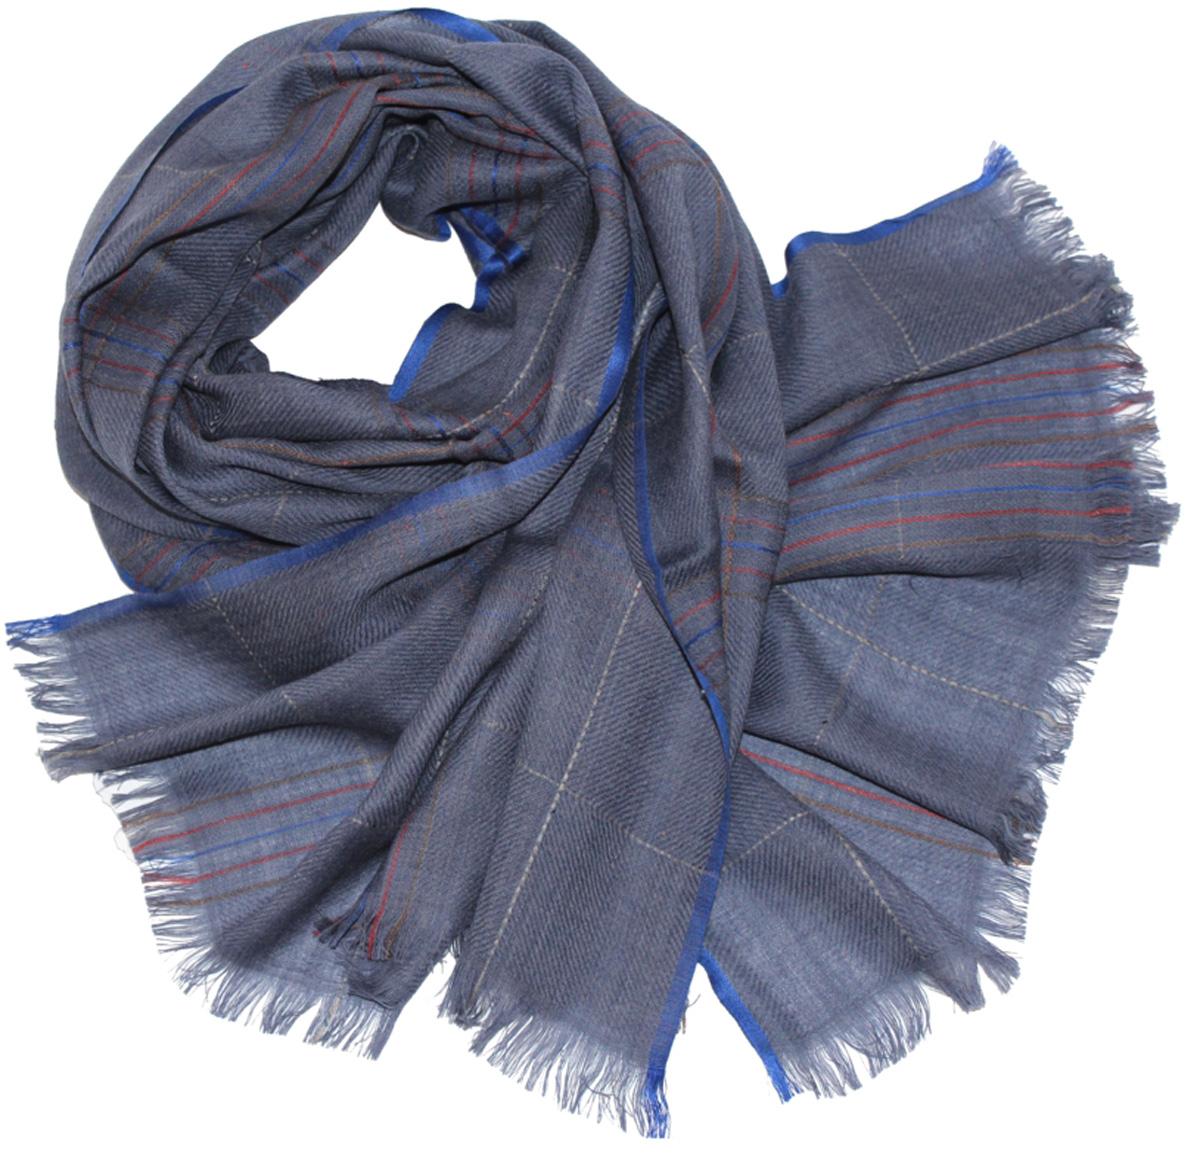 Палантин124450аЭффектный палантин Ethnica подчеркнет ваш неповторимый стиль. Изделие выполнено из шерсти с добавлением шелка и оформлено оригинальным принтом. Этот модный аксессуар гармонично дополнит ваш образ.